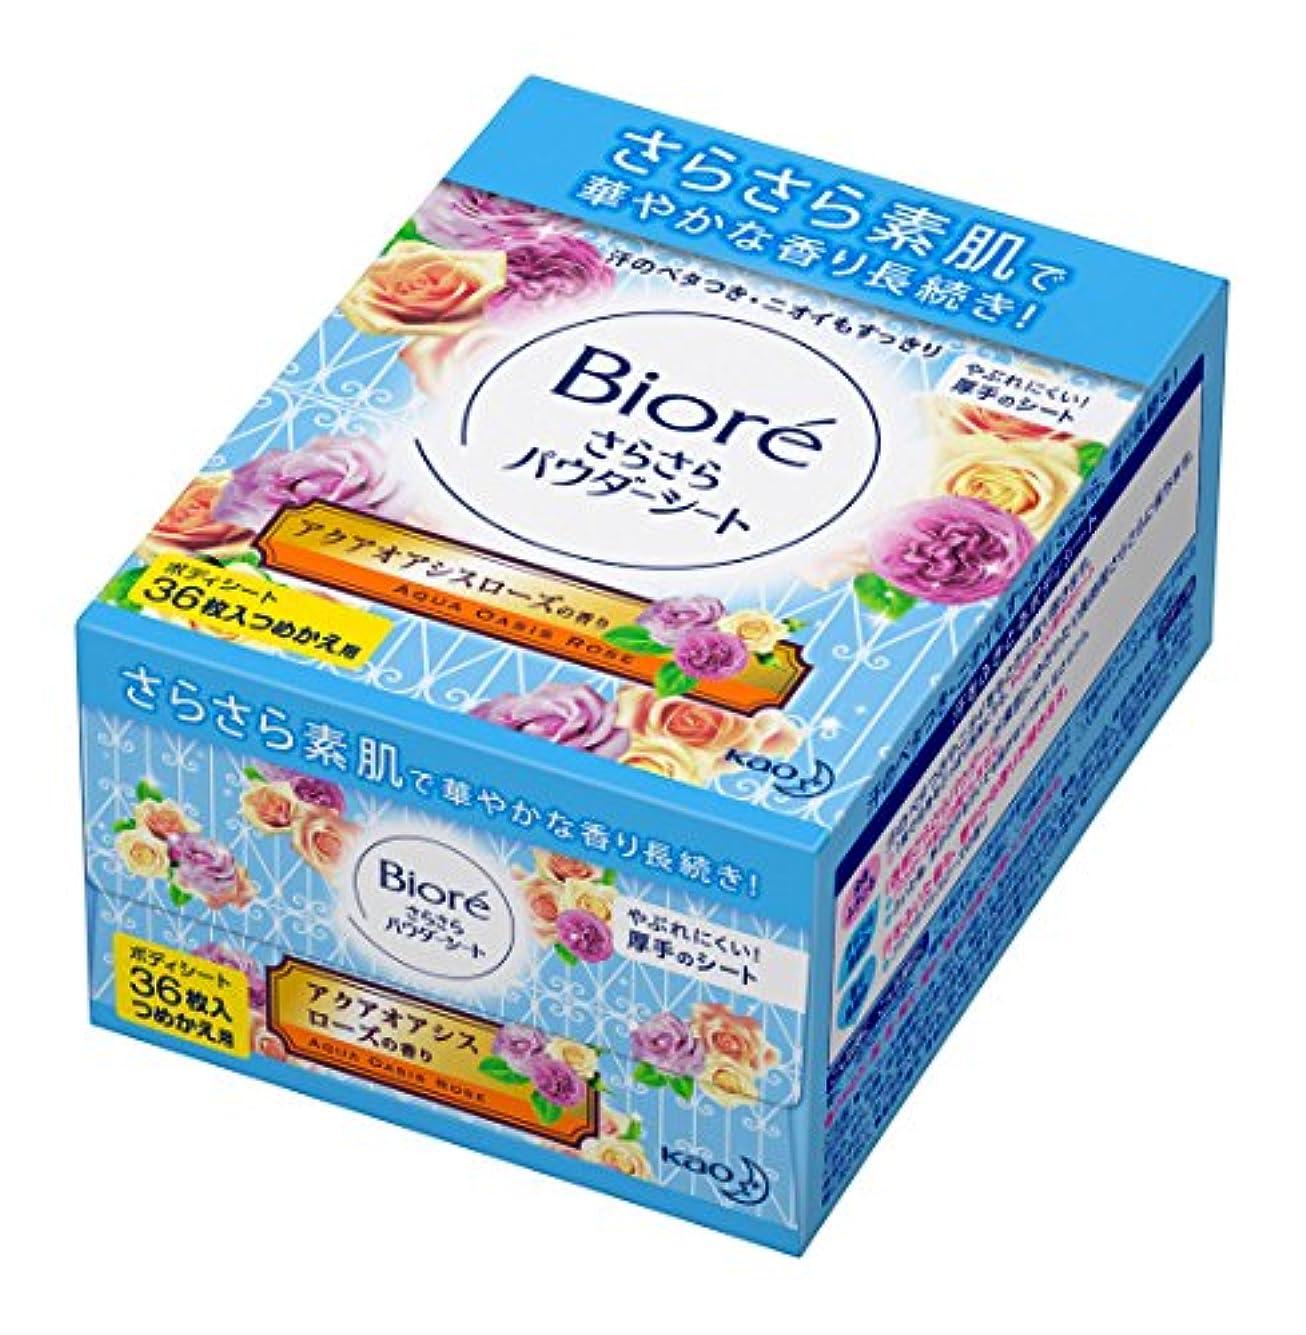 孤児服を洗う追放ビオレ さらさらパウダーシート アクアオアシスローズの香り つめかえ用 36枚